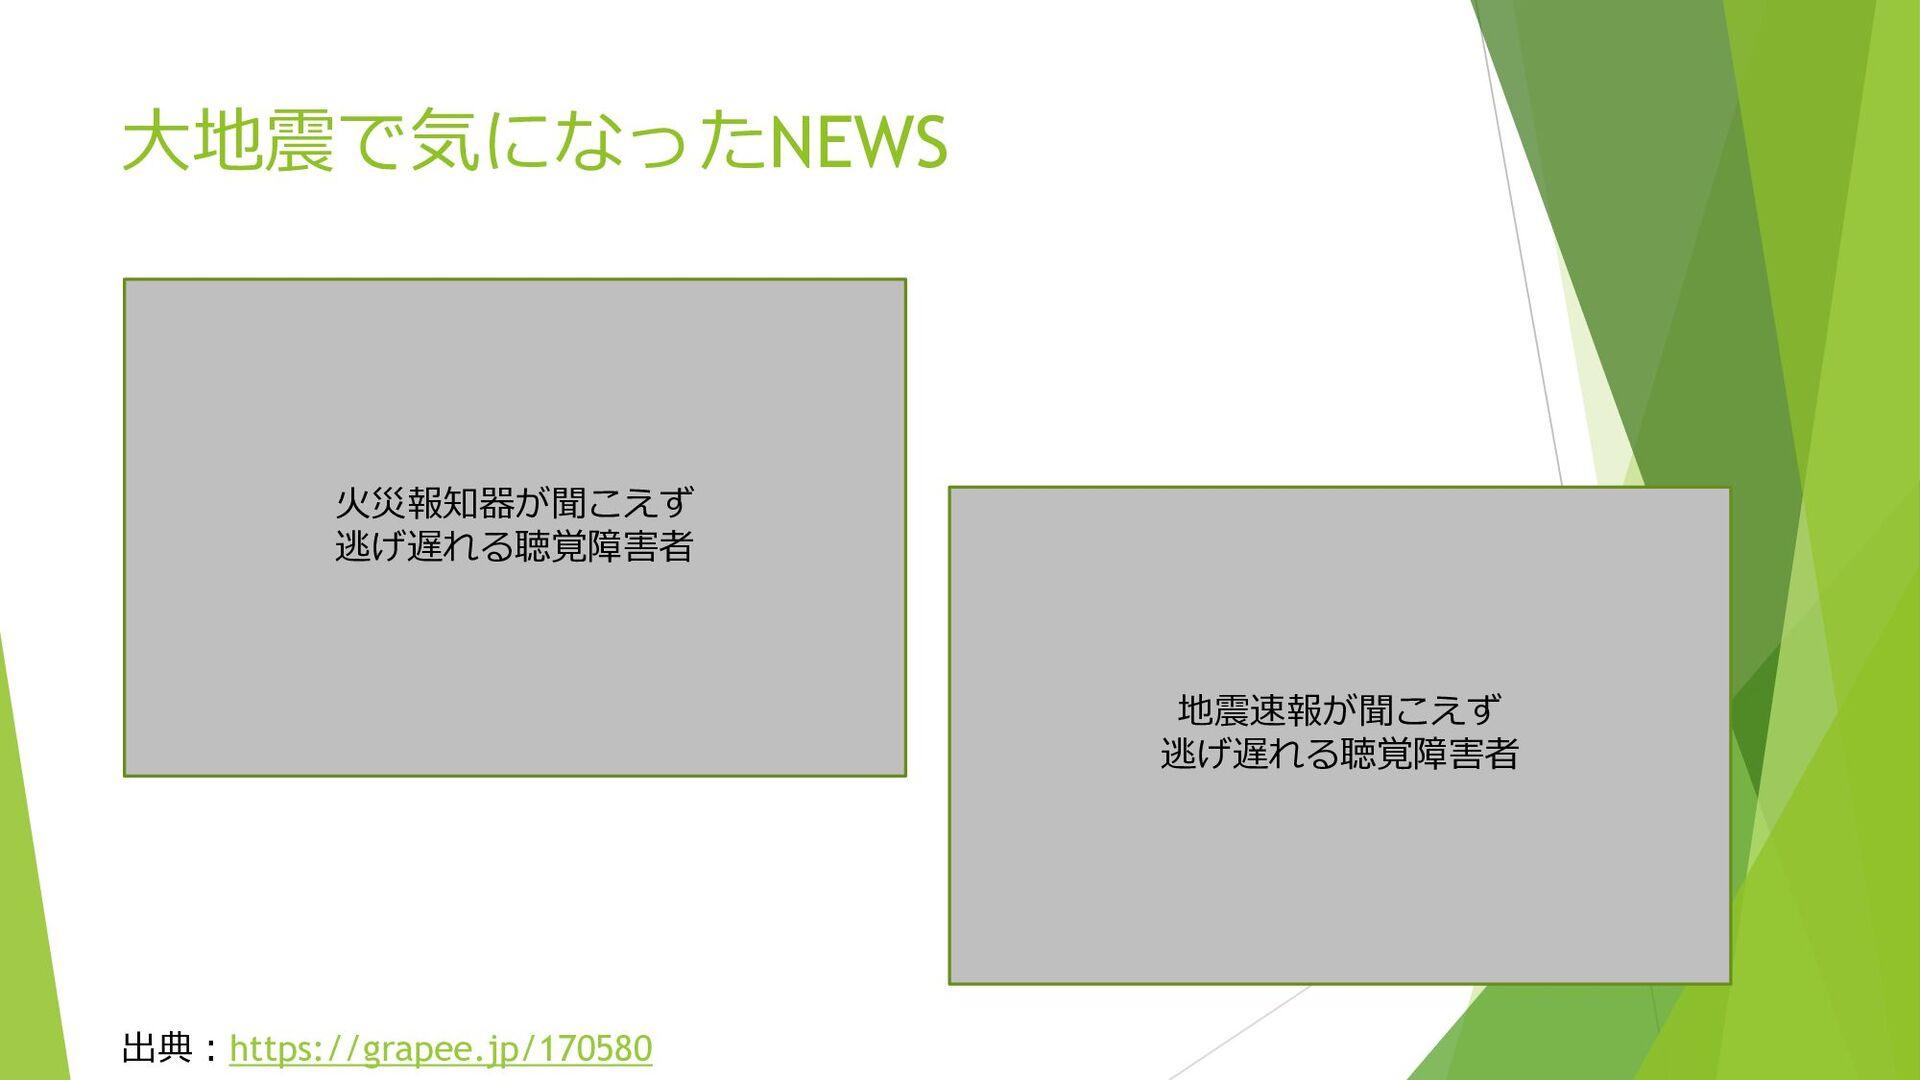 大地震で気になったNEWS 出典:https://grapee.jp/170580 火災報知器...